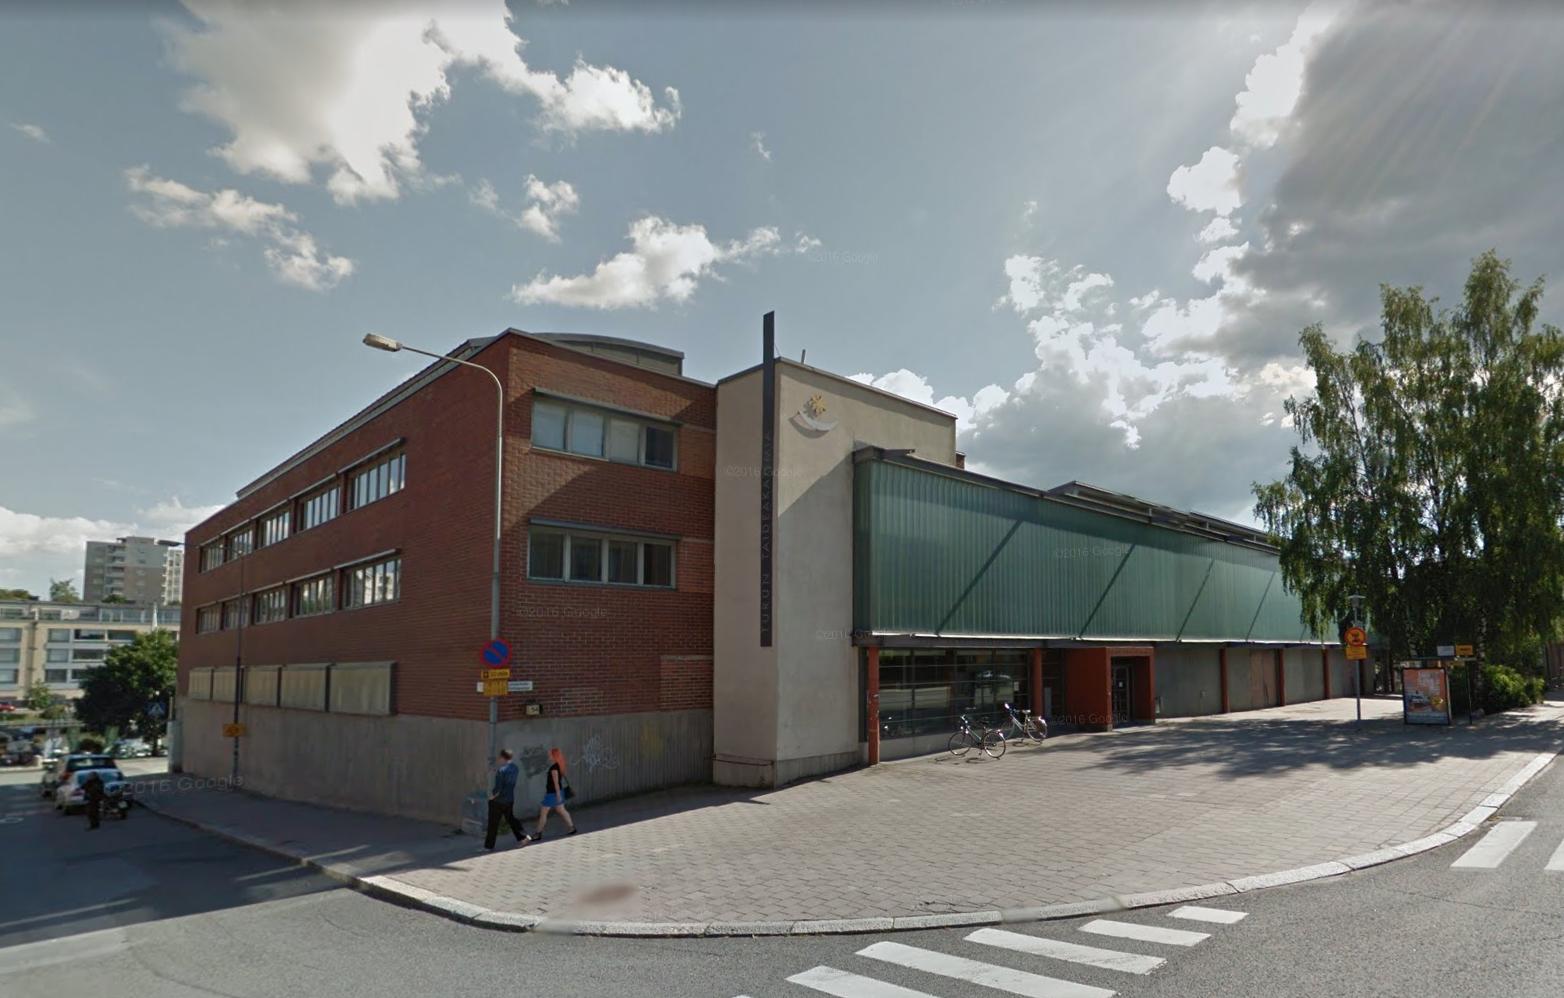 Turun ammattikorkeakoulu, Linnankatu 54, Turku